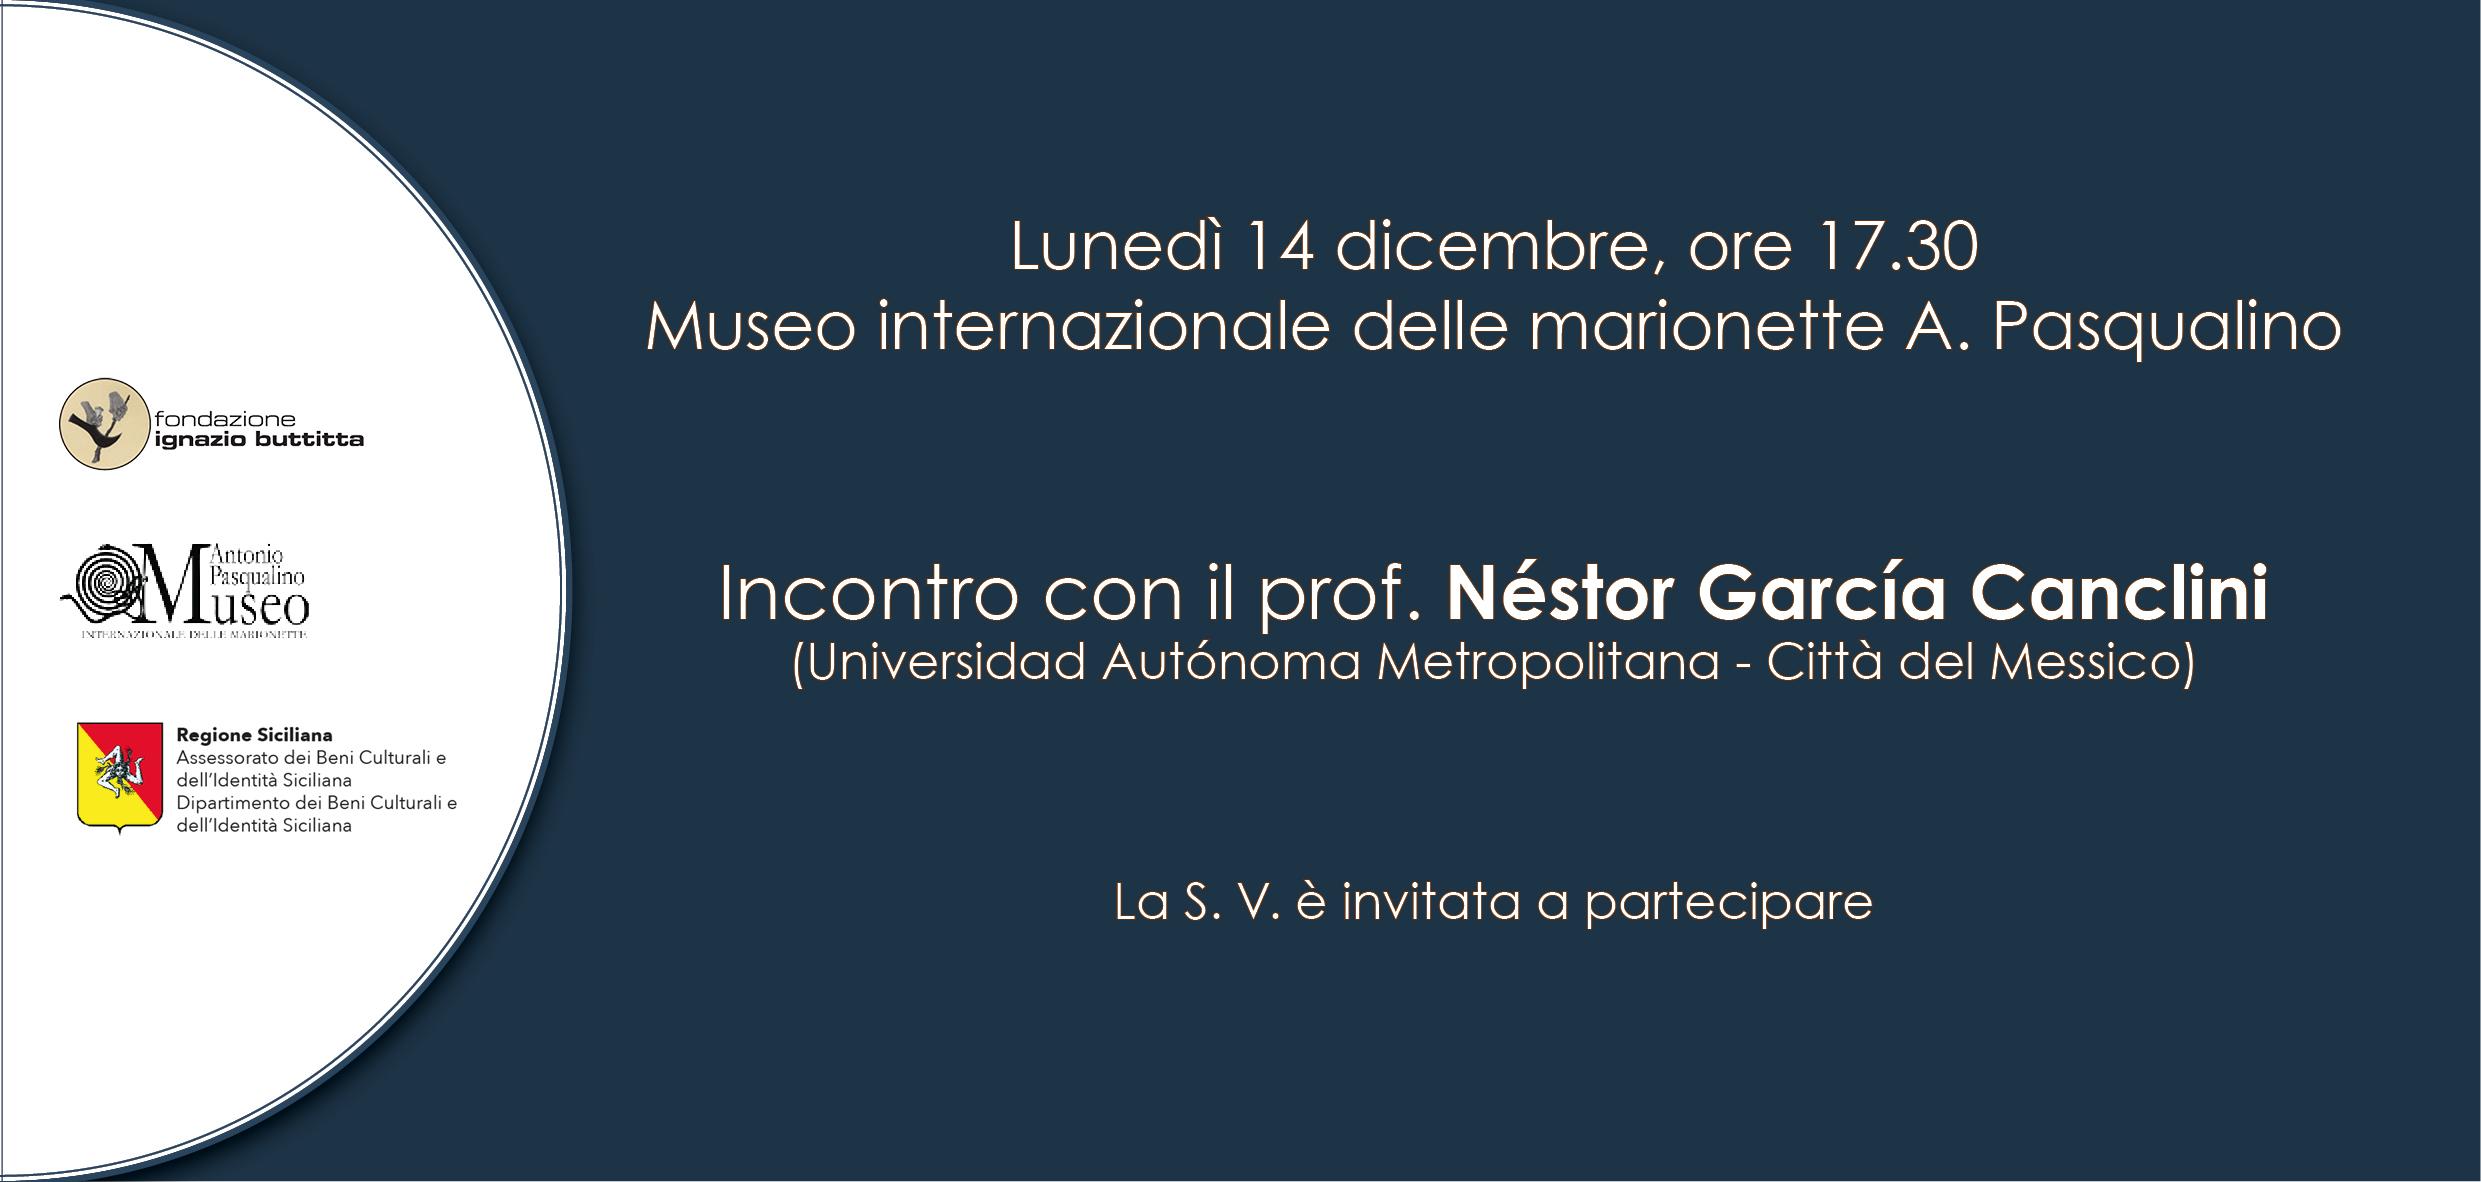 Invito_Incontro_con_Canclini.jpeg - 642.91 kB